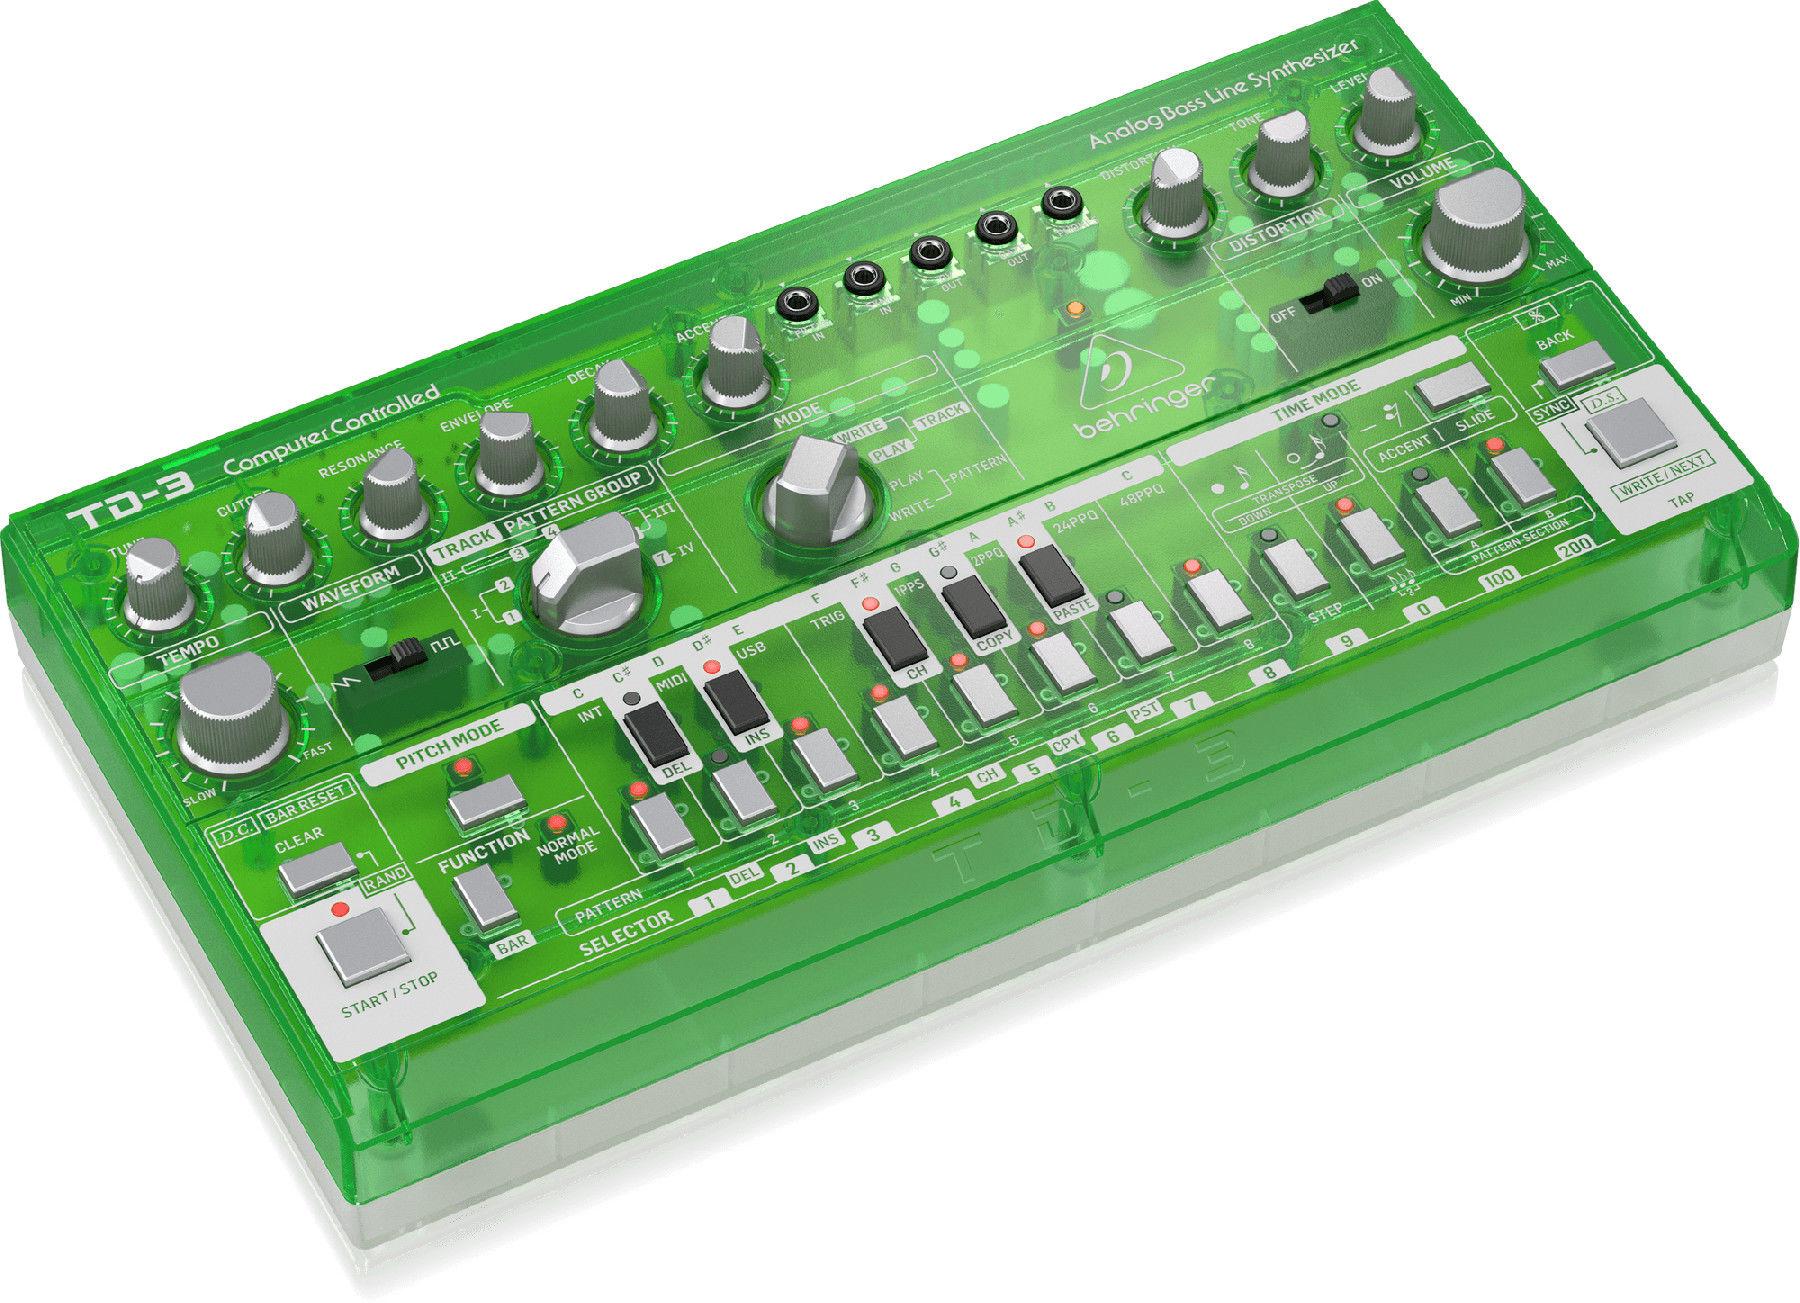 Behringer TD-3-LM - analogowy syntezator linii basowych, ZIELONY